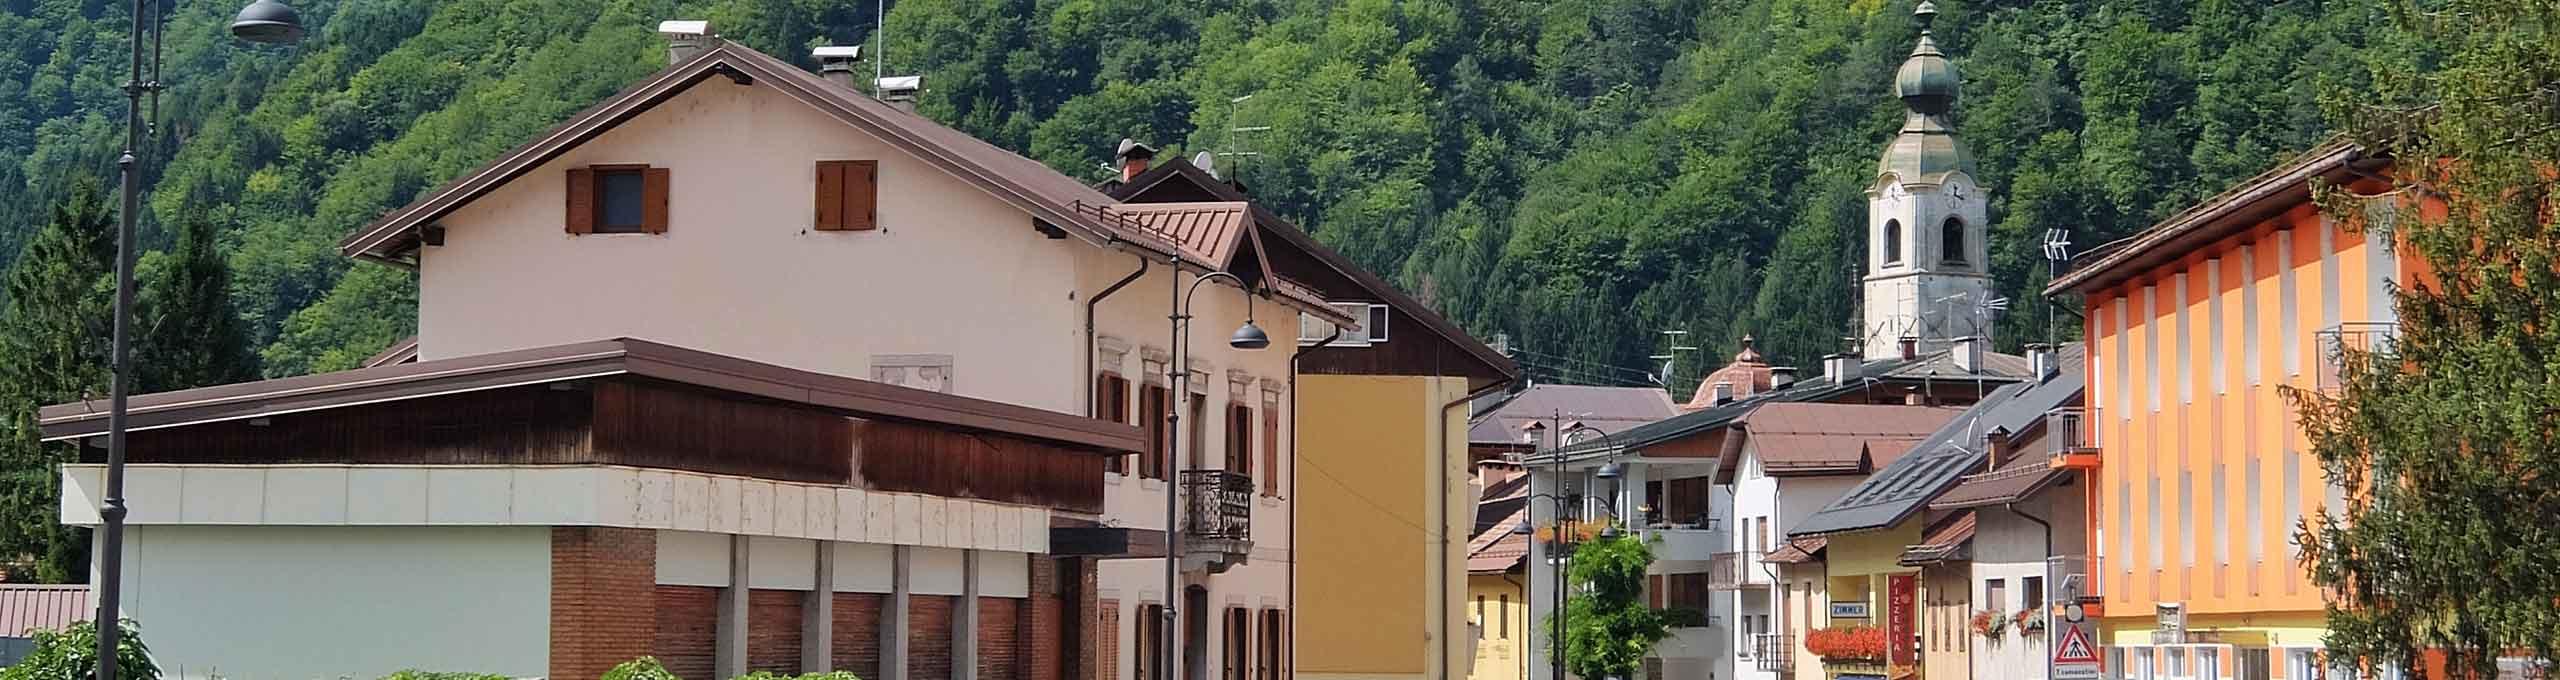 Pontebba, Tarvisiano